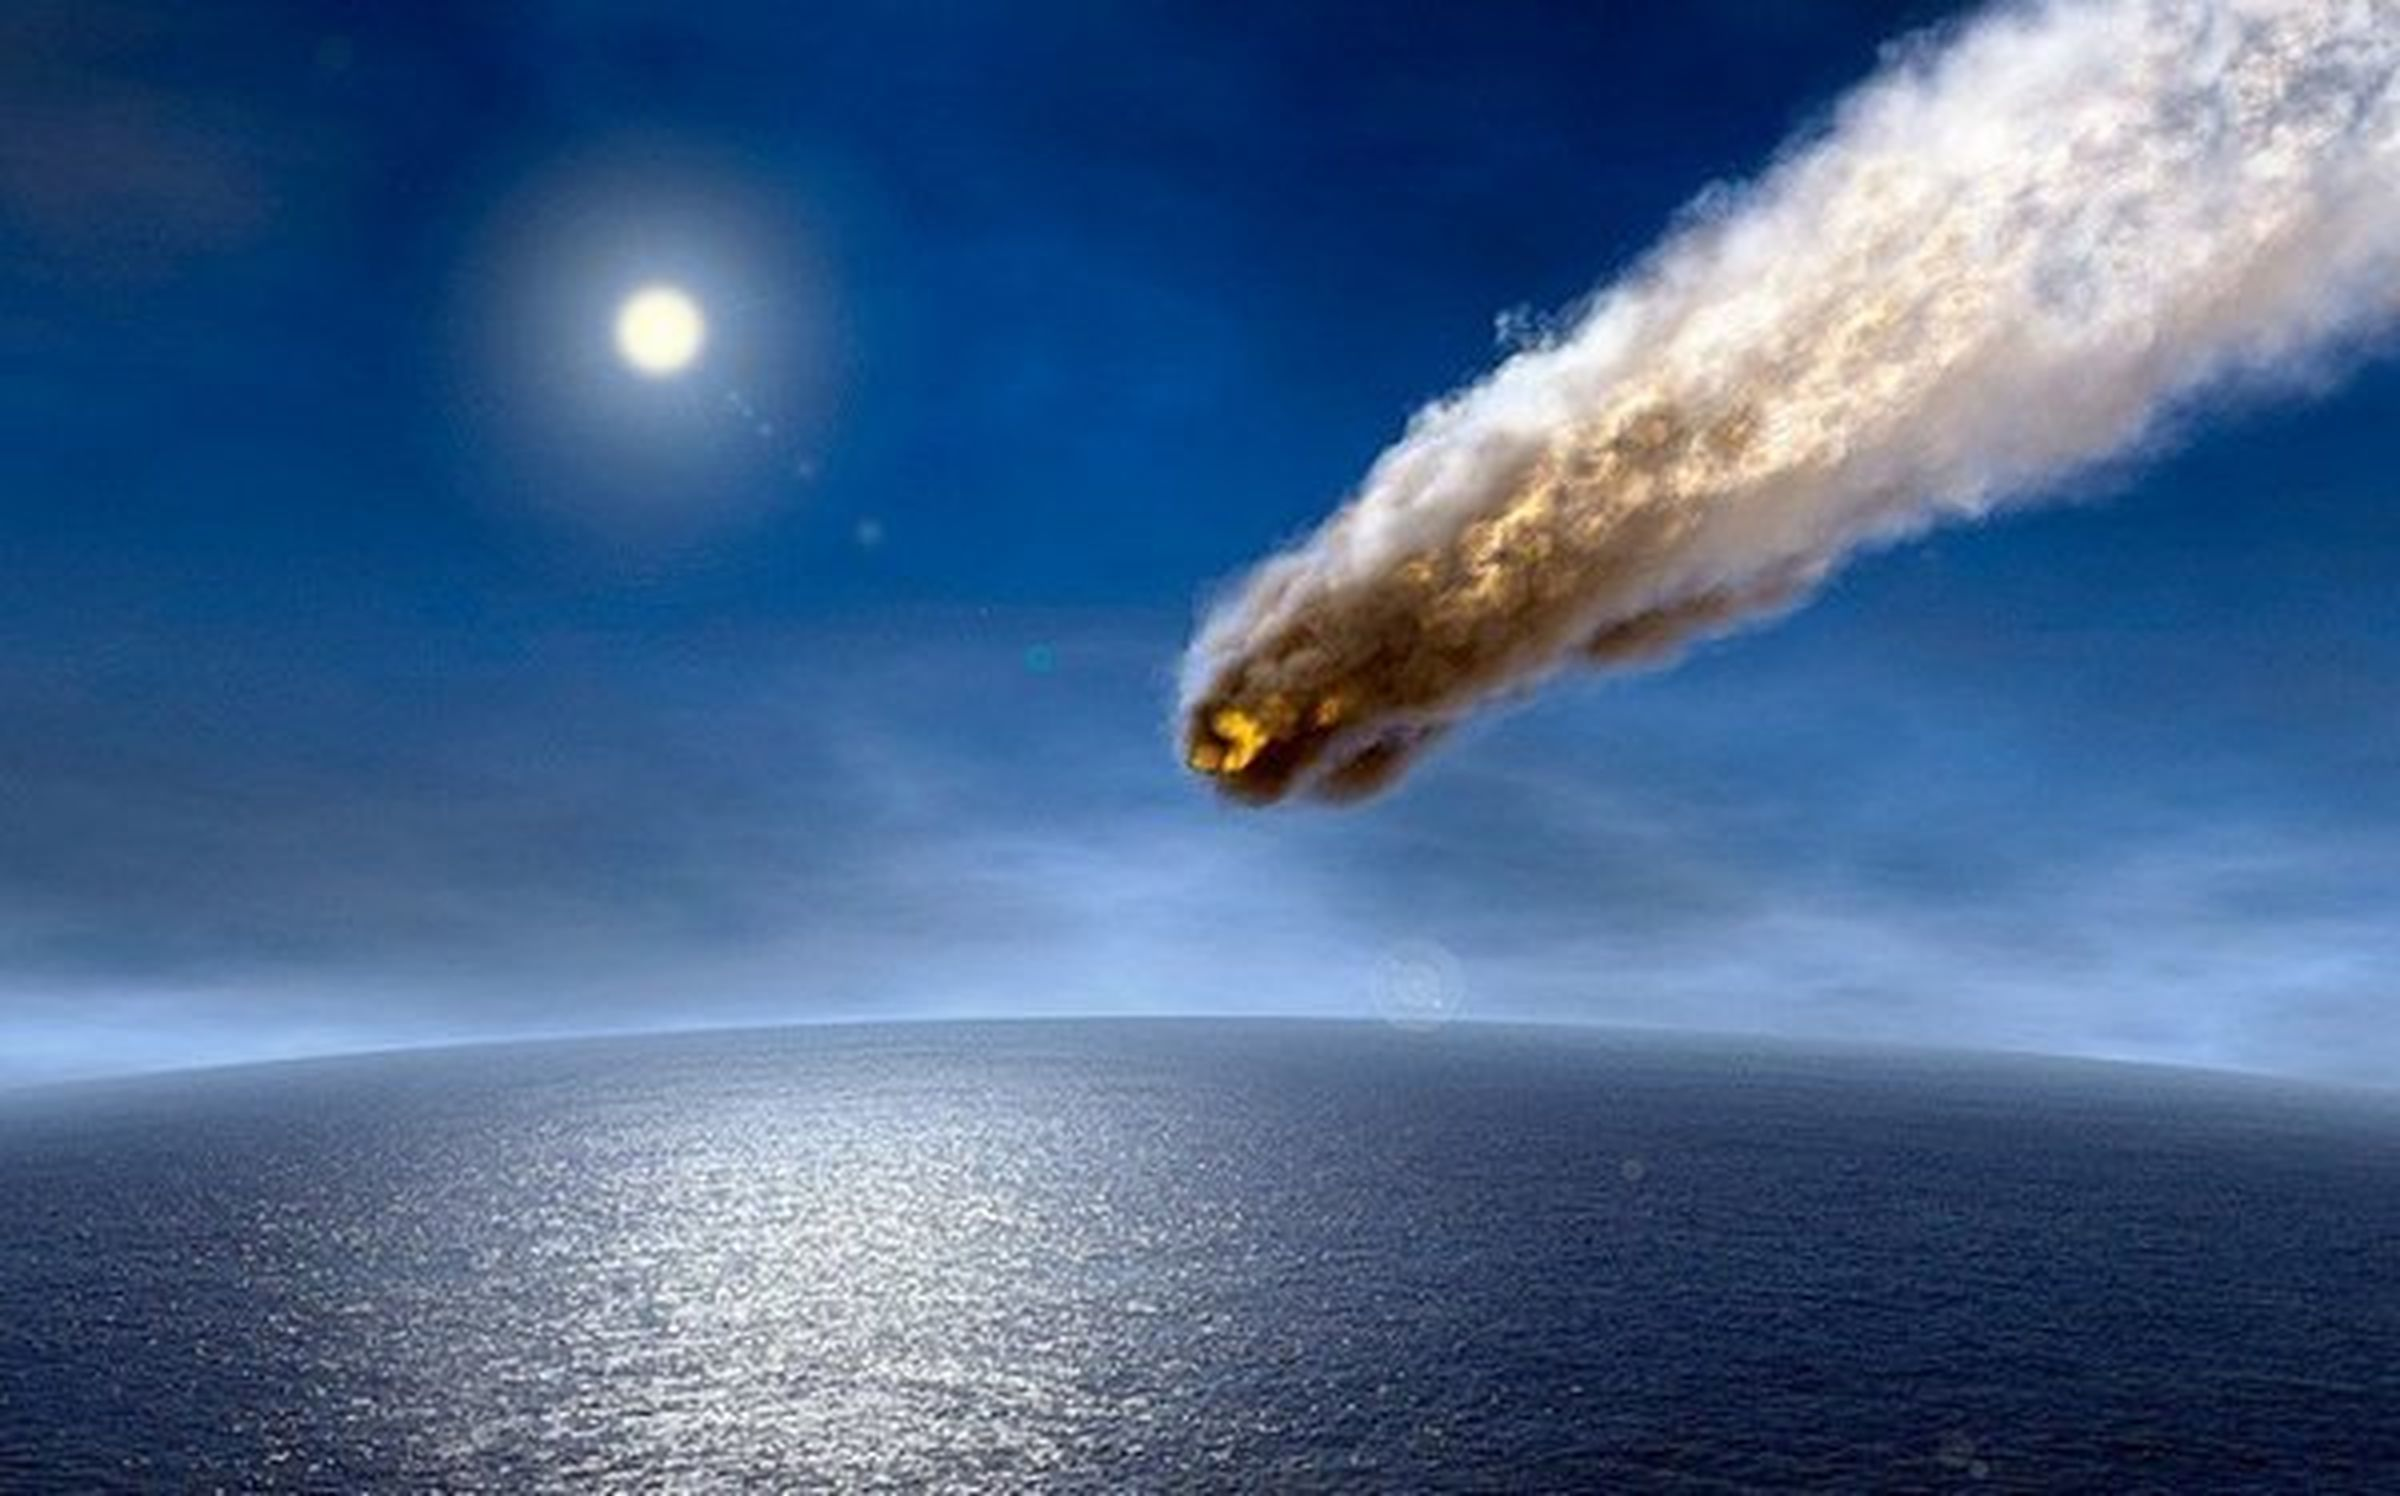 Падение большого астероида вокеан неопасно для людей— Учение